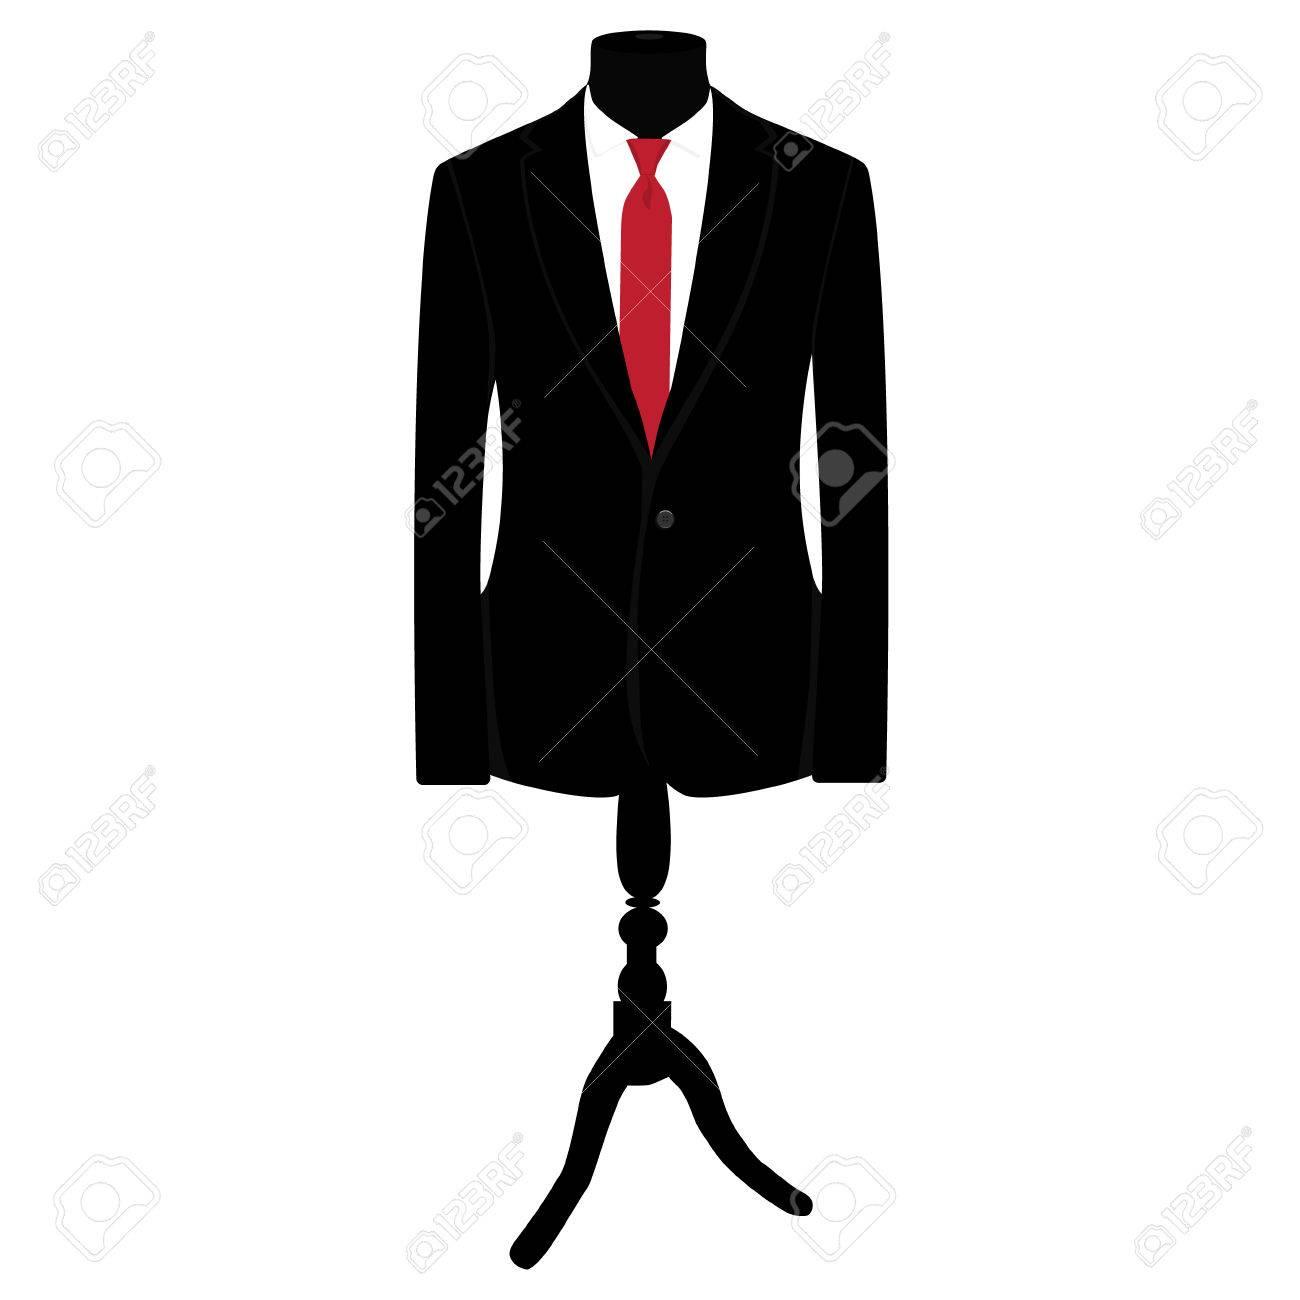 赤いネクタイとマネキンに白シャツ黒スーツのベクター イラストです